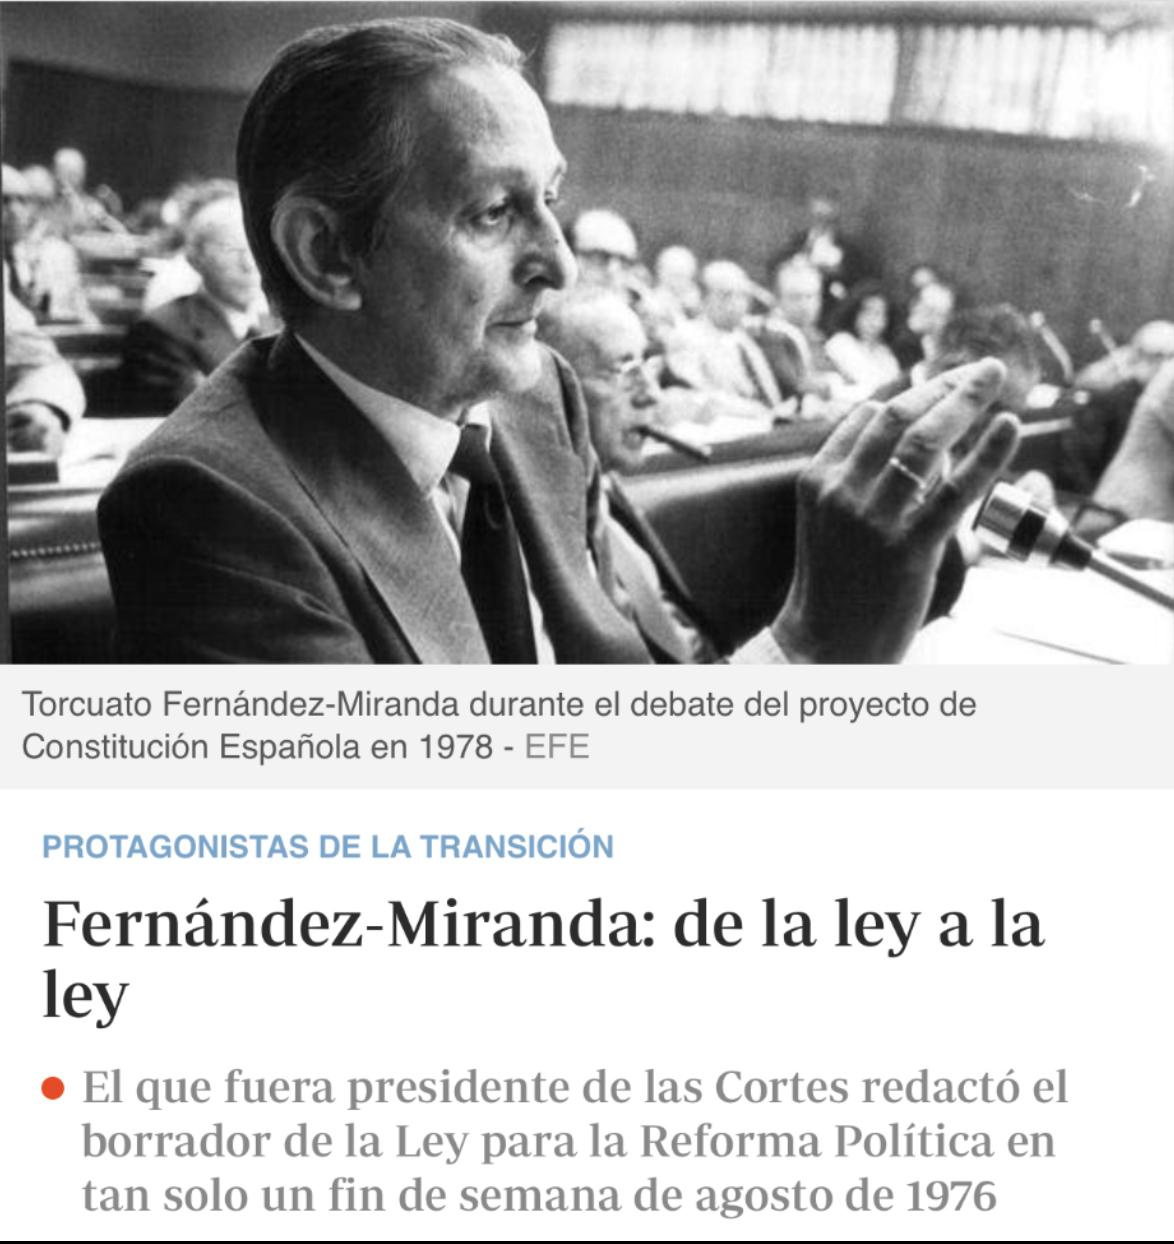 Fernández Miranda